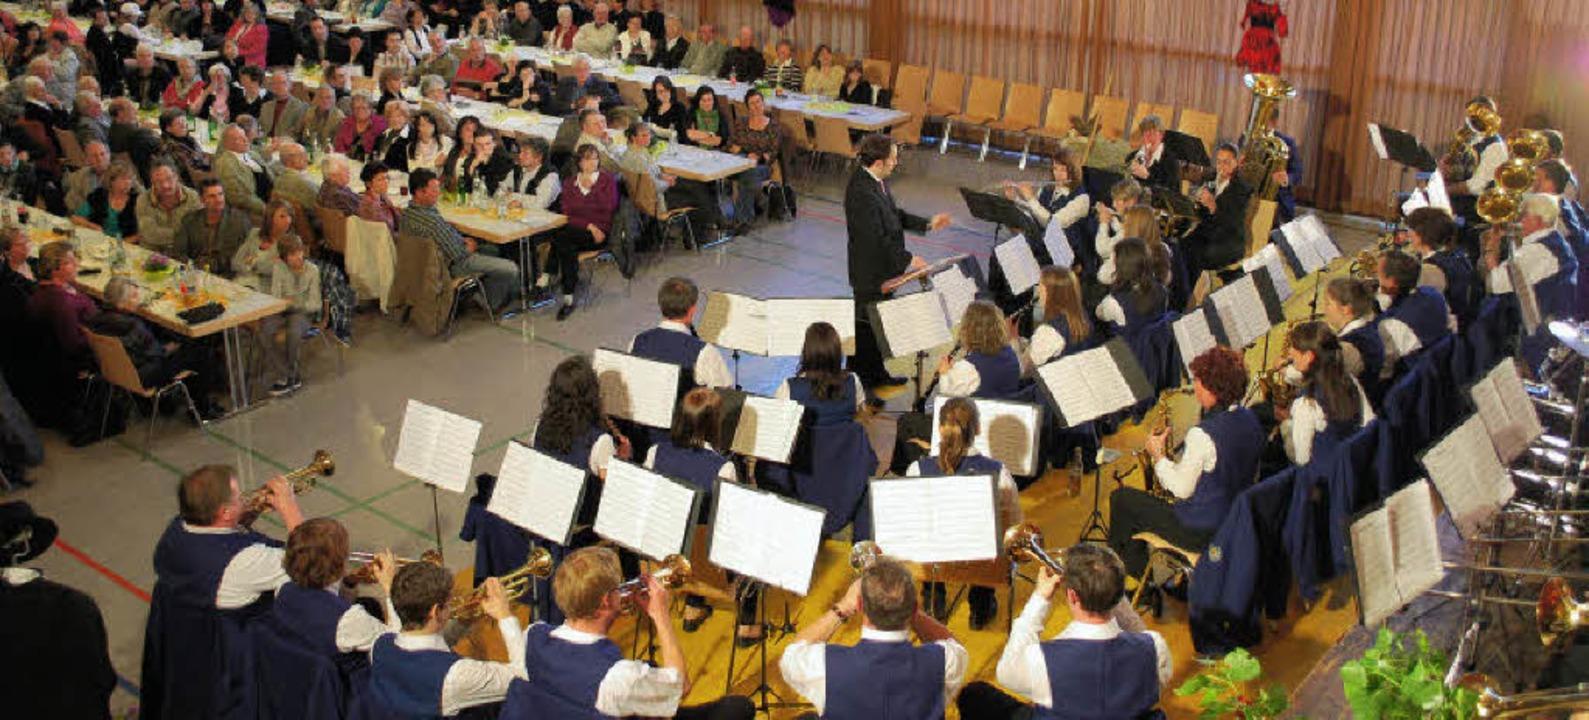 Gut besucht war die Halle beim Doppelkonzert in Schallstadt.   | Foto: Axel Dröber